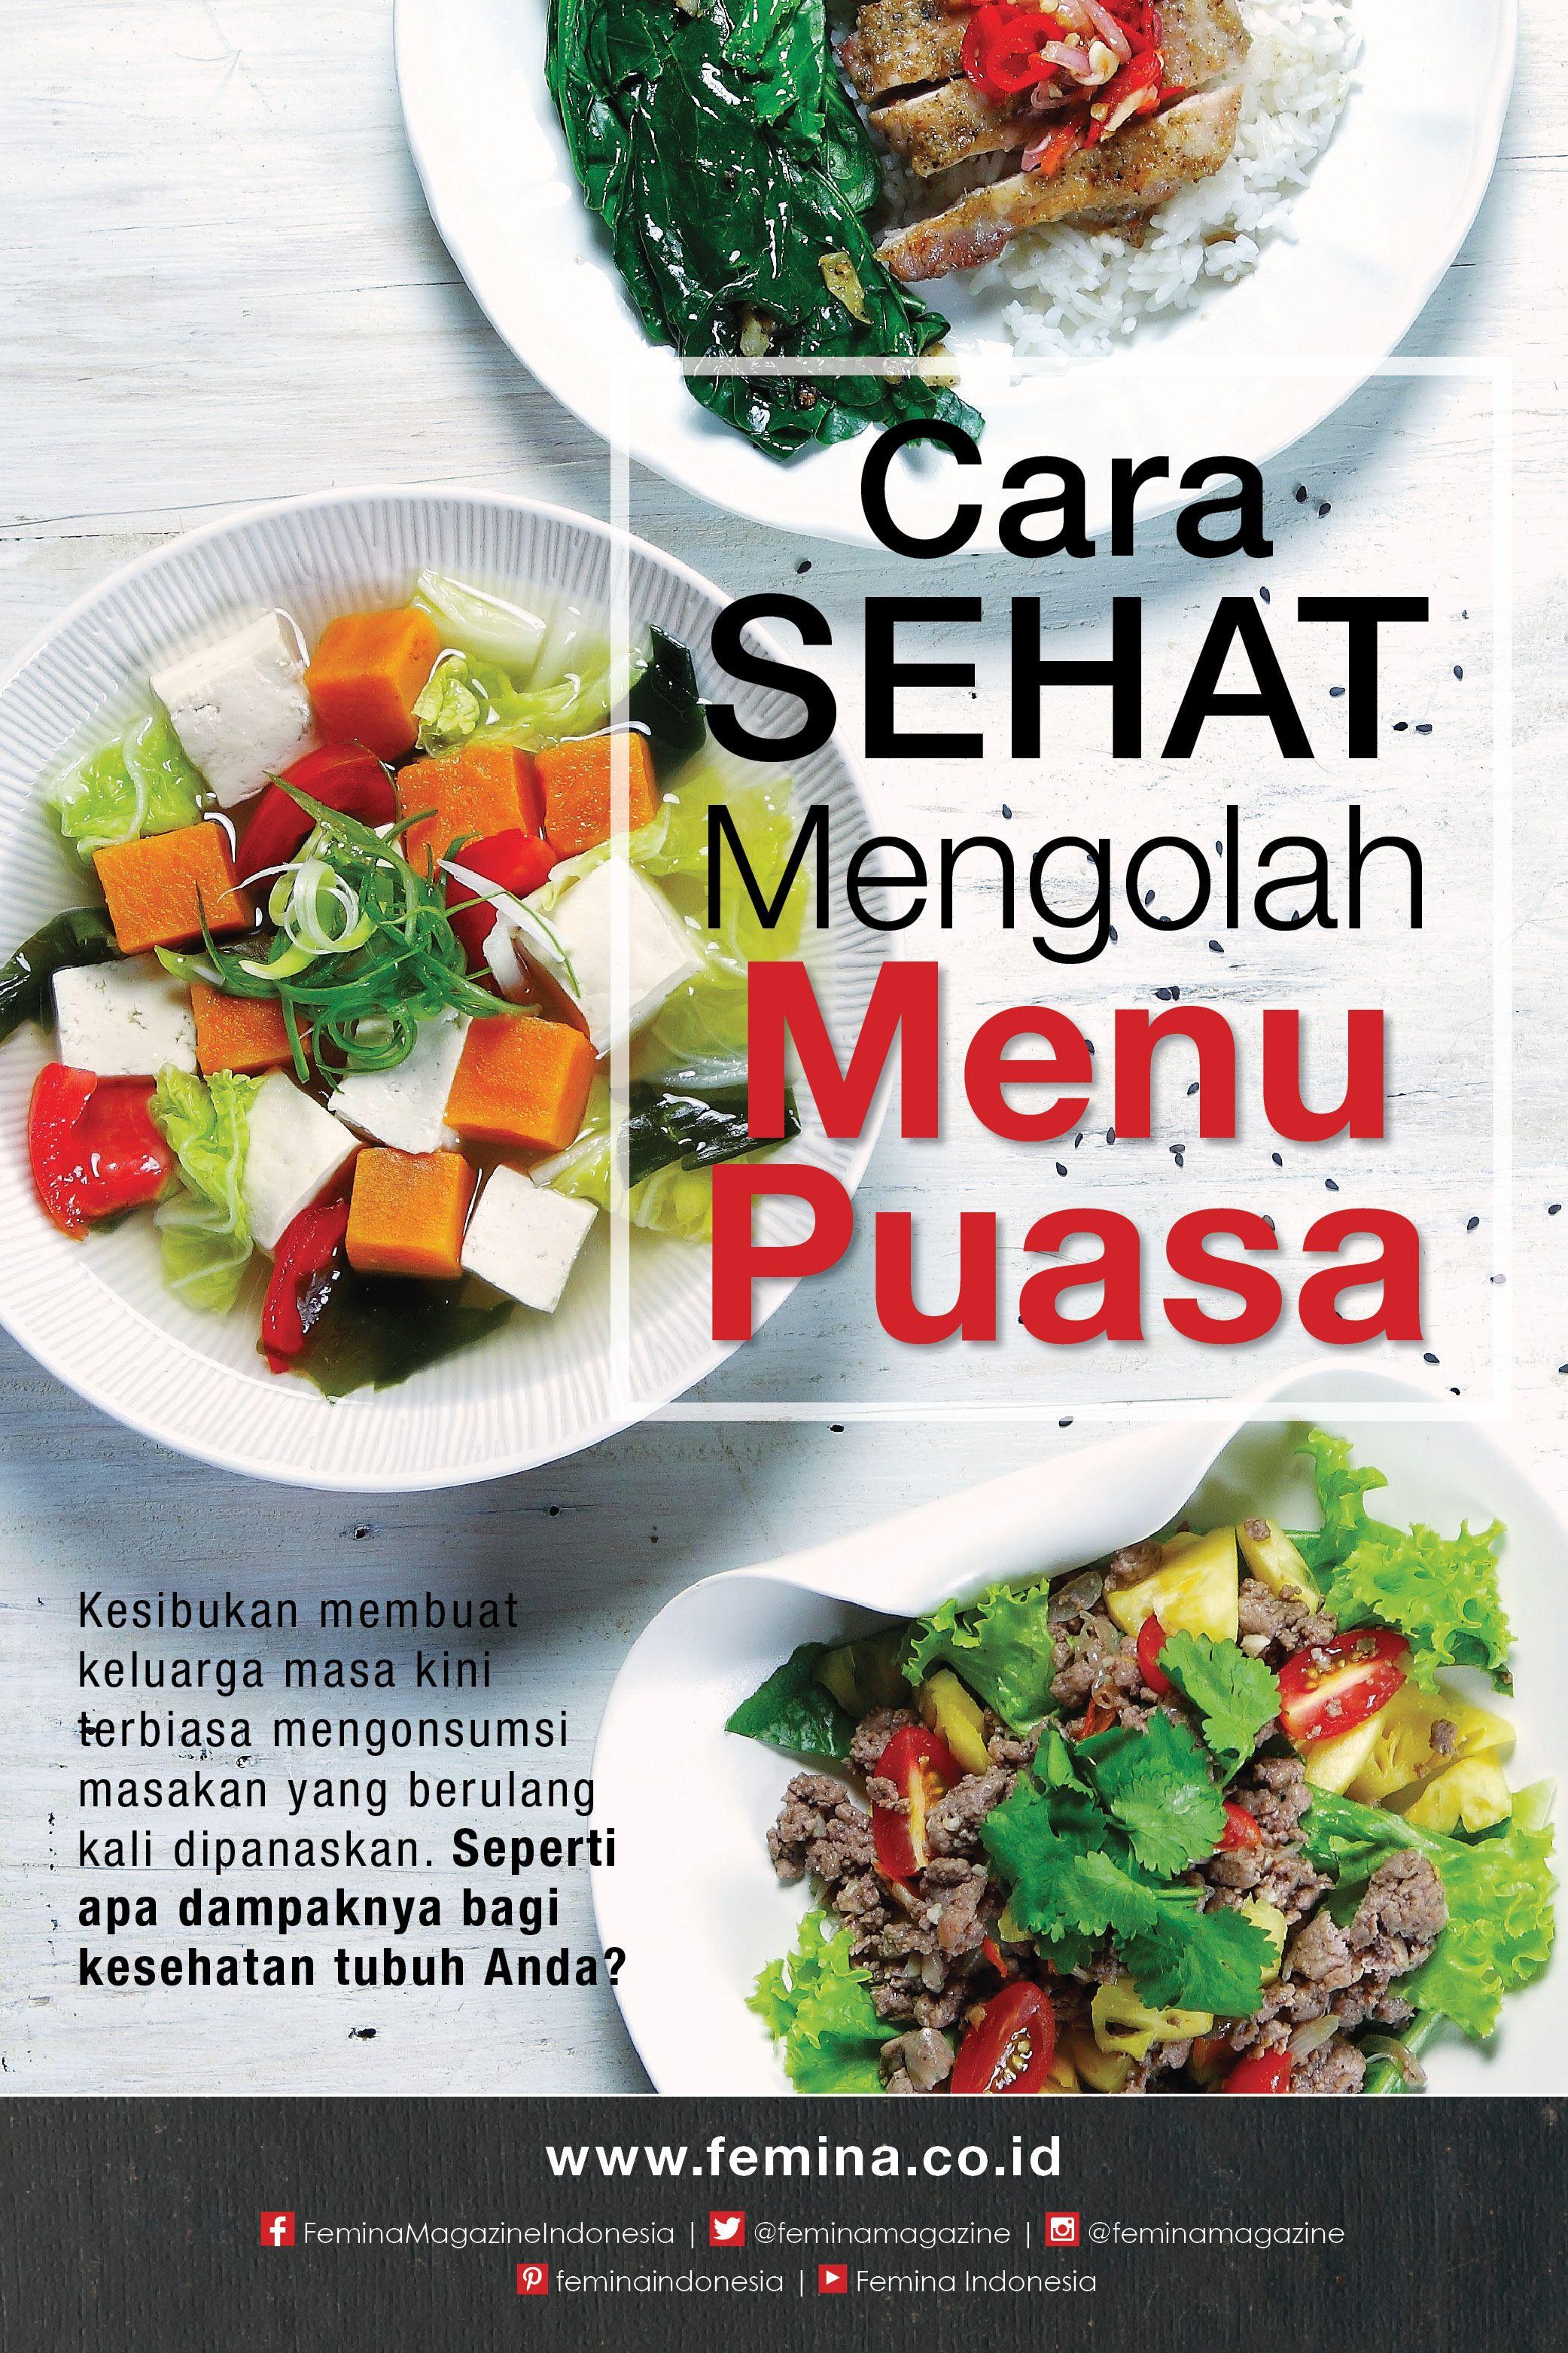 Cara sehat mengolah menu puasa dengan gambar nutrisi